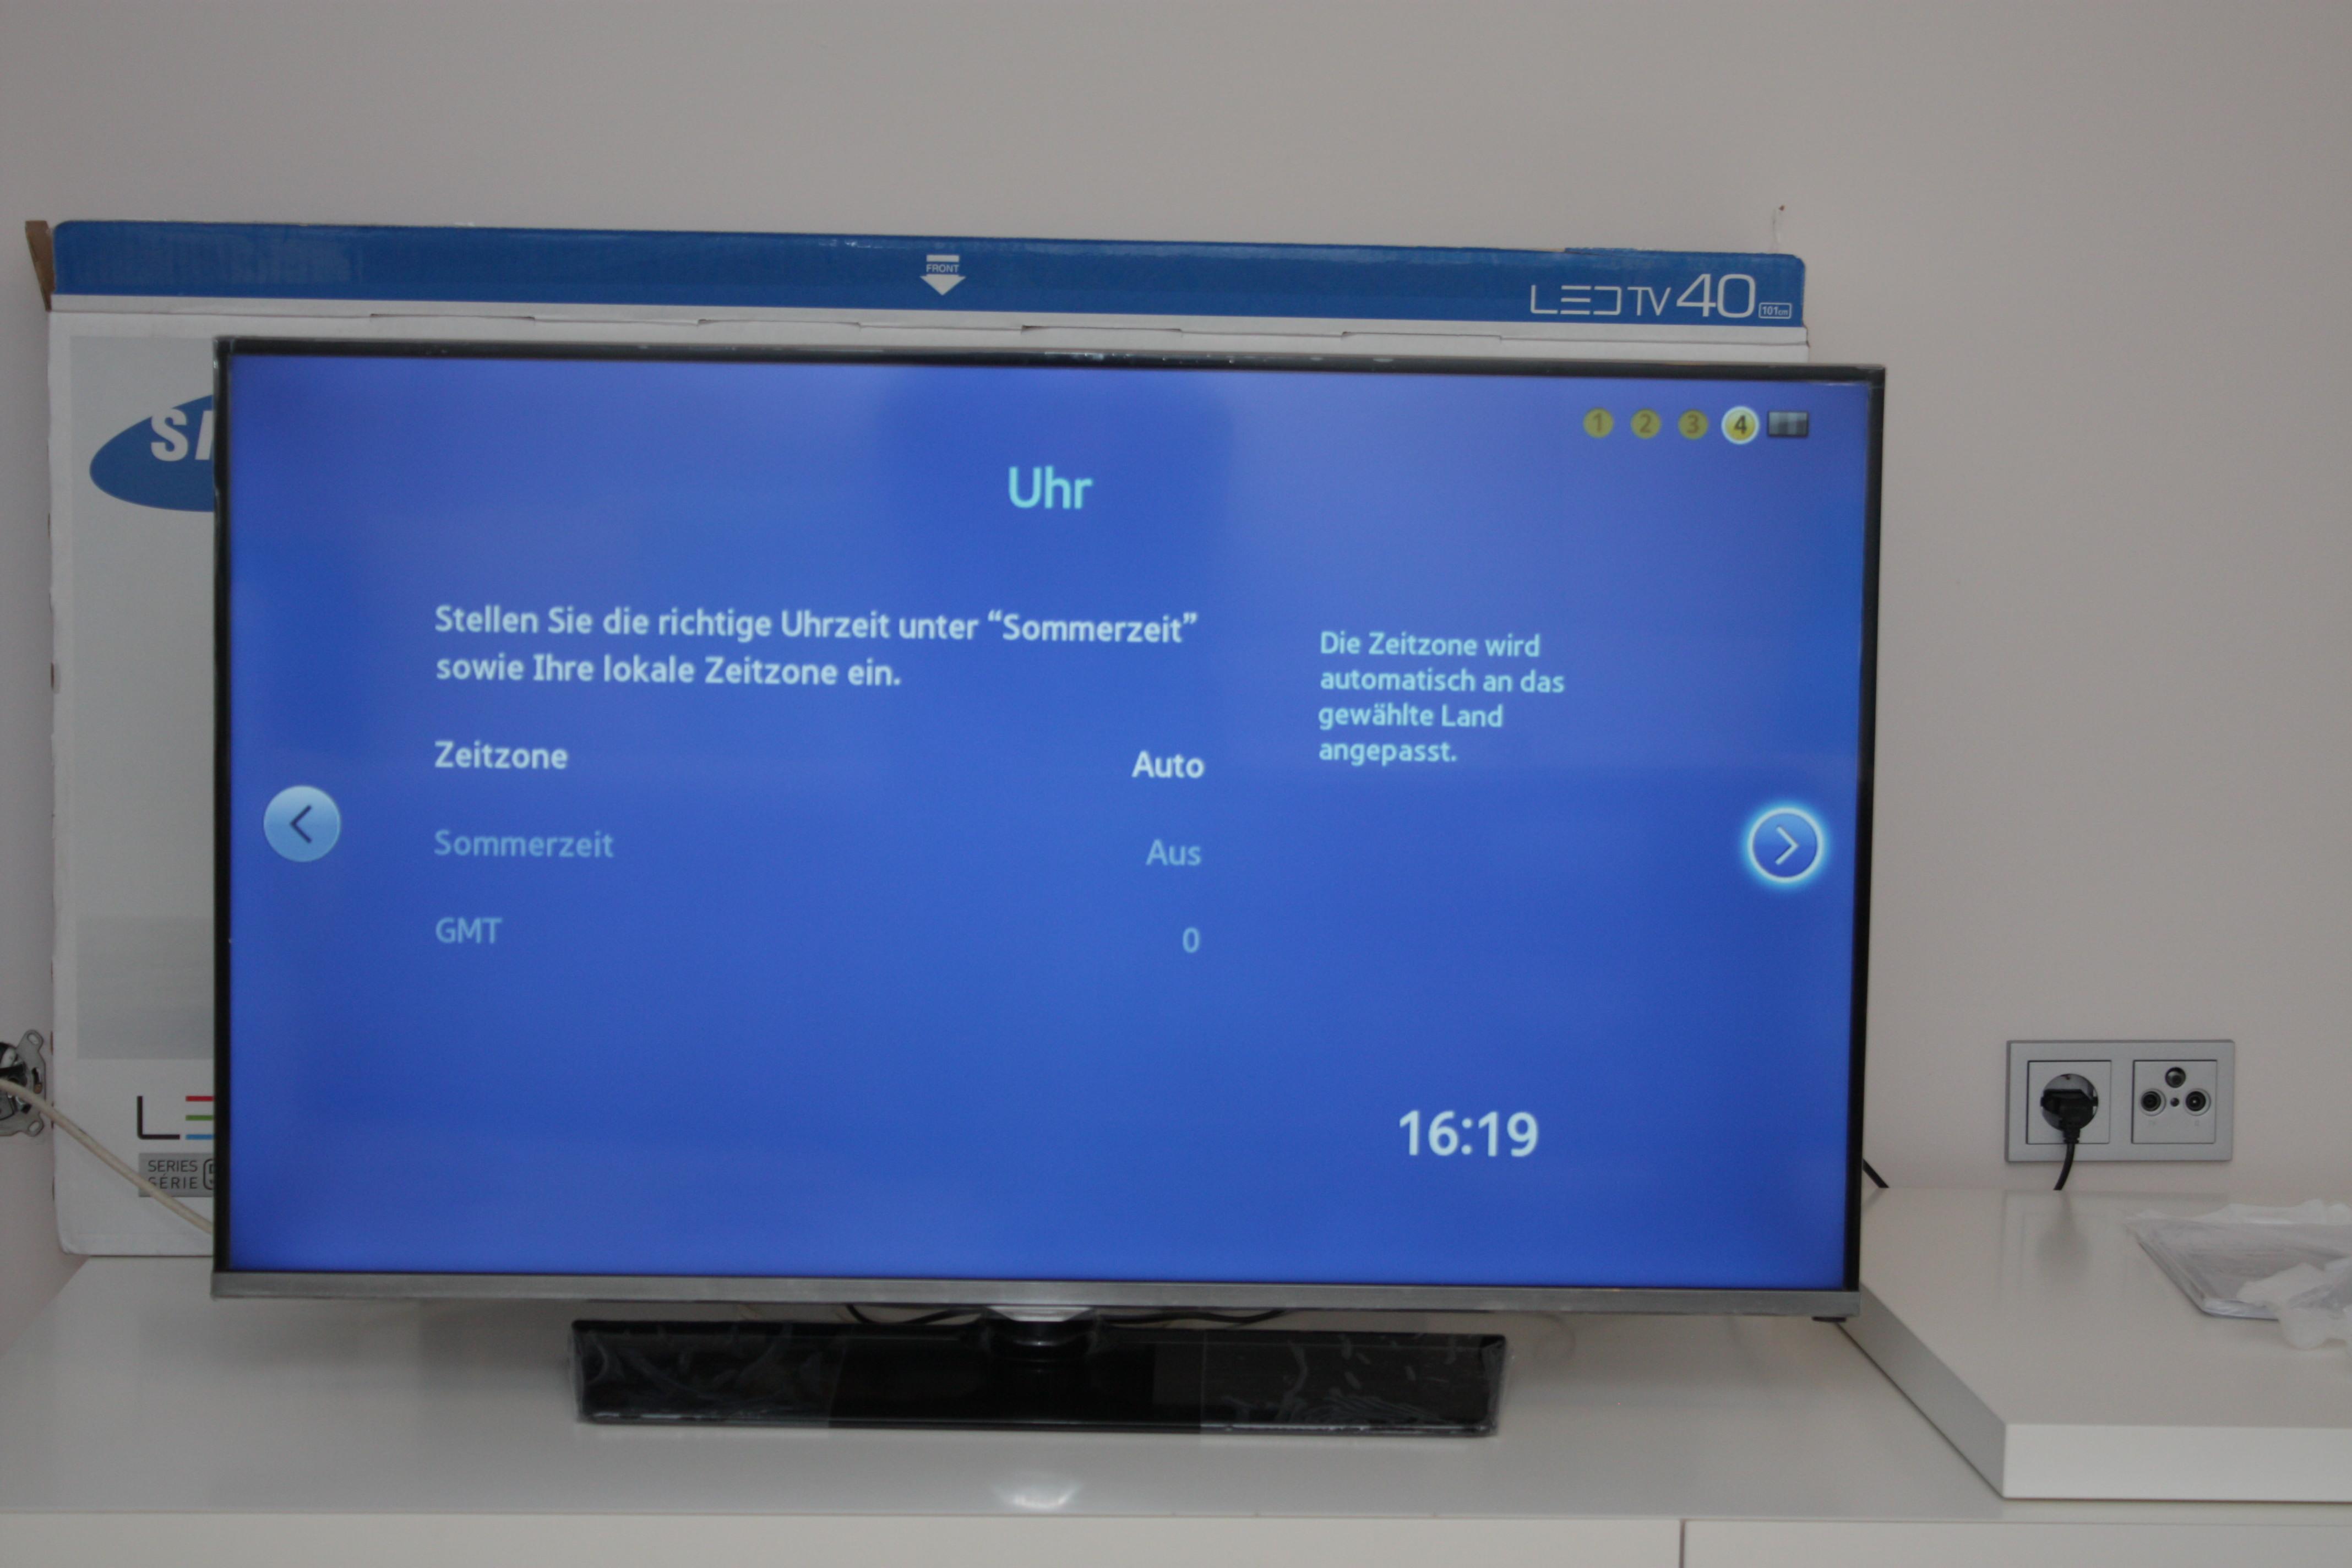 lohnt sich der samsung flachbildfernseher ue40h5070 als. Black Bedroom Furniture Sets. Home Design Ideas